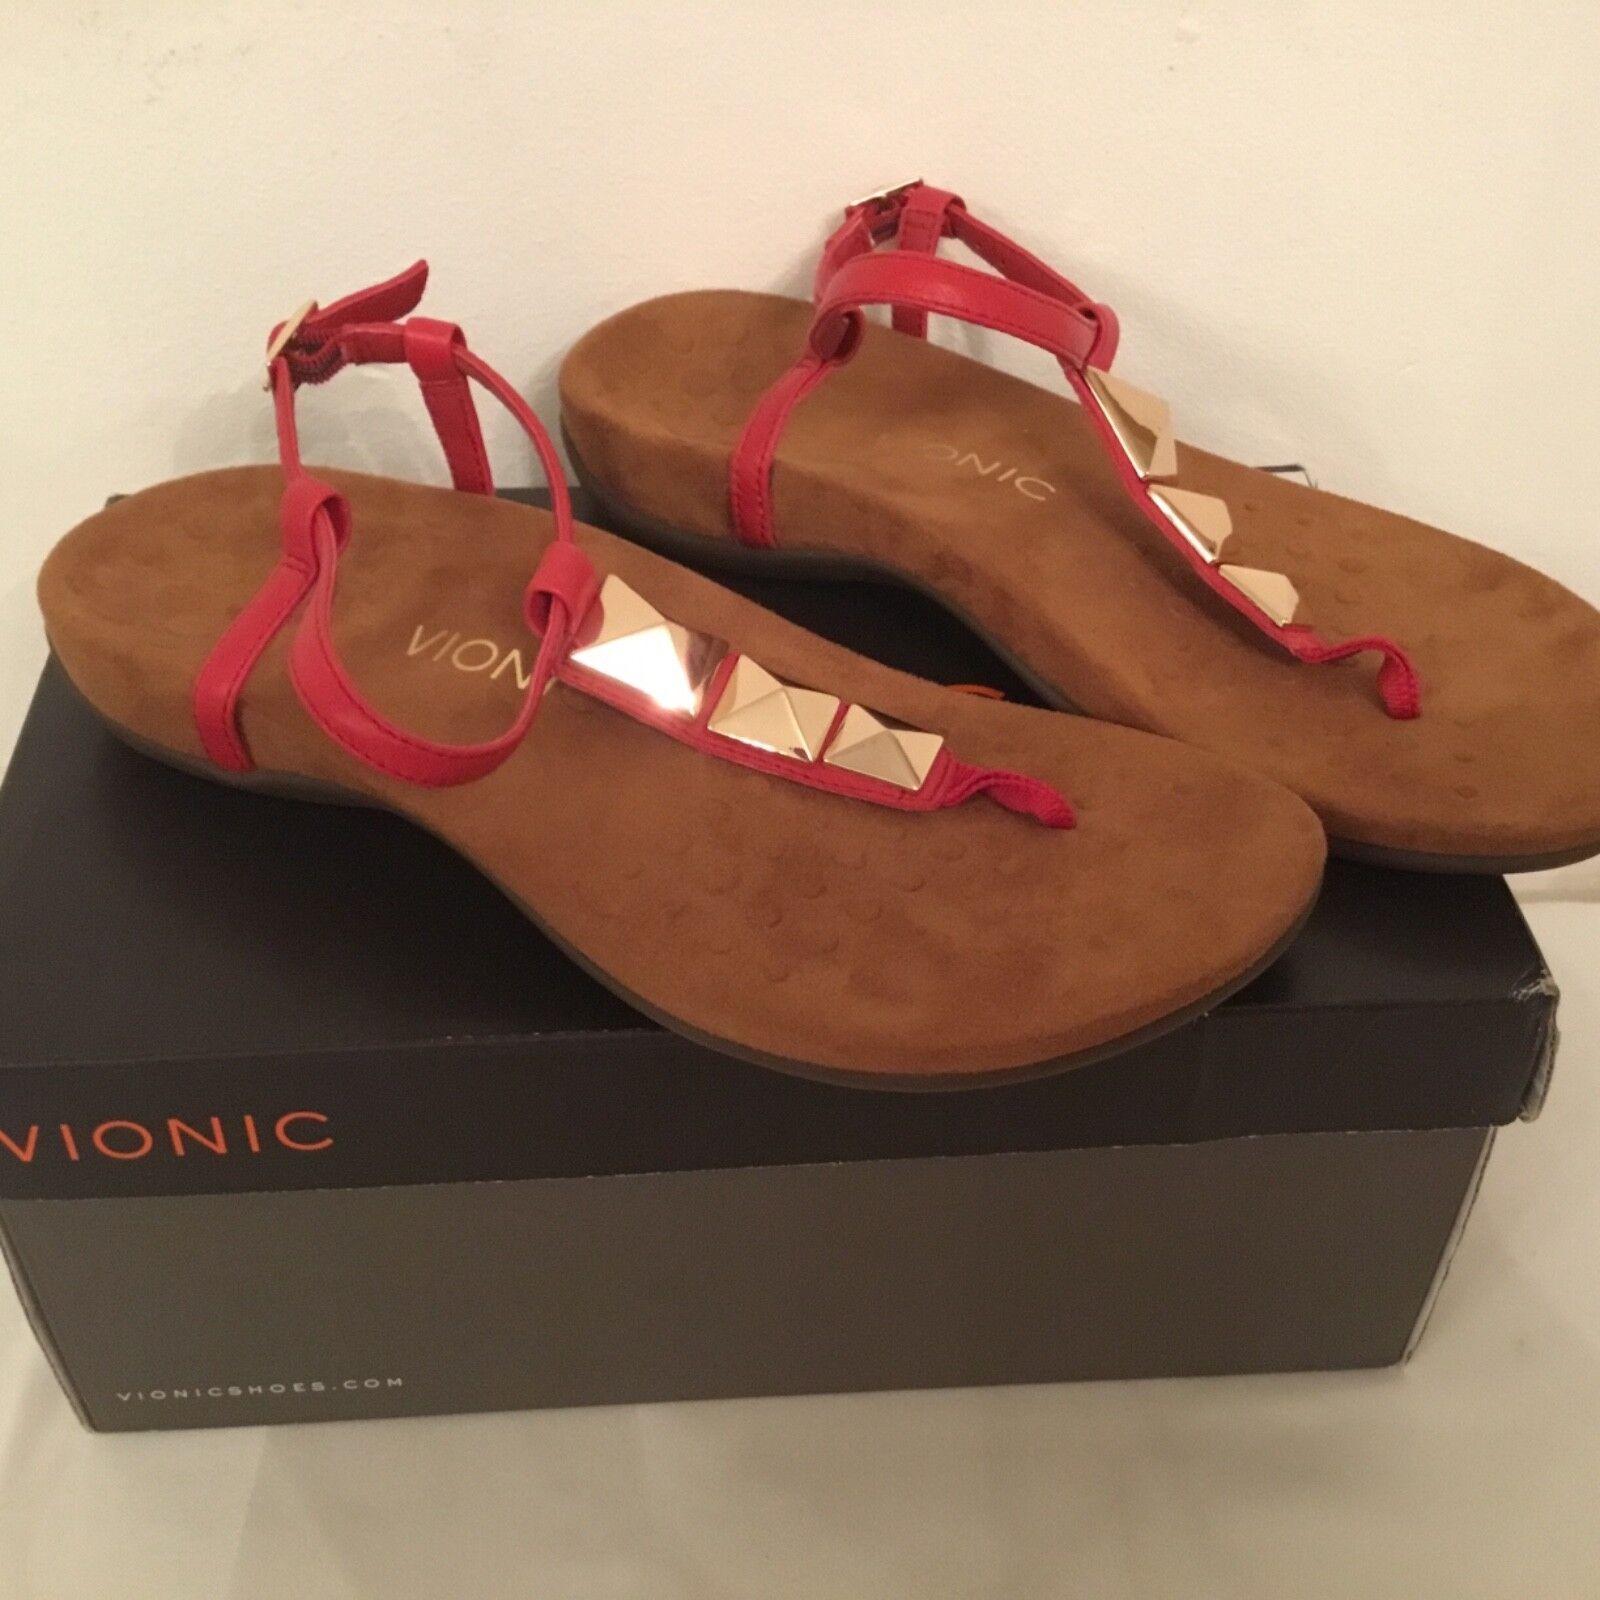 vionic orthèses reste reste reste nala étalon détail sandale avec fmt technology  Rouge  | En Gros  f5bafa